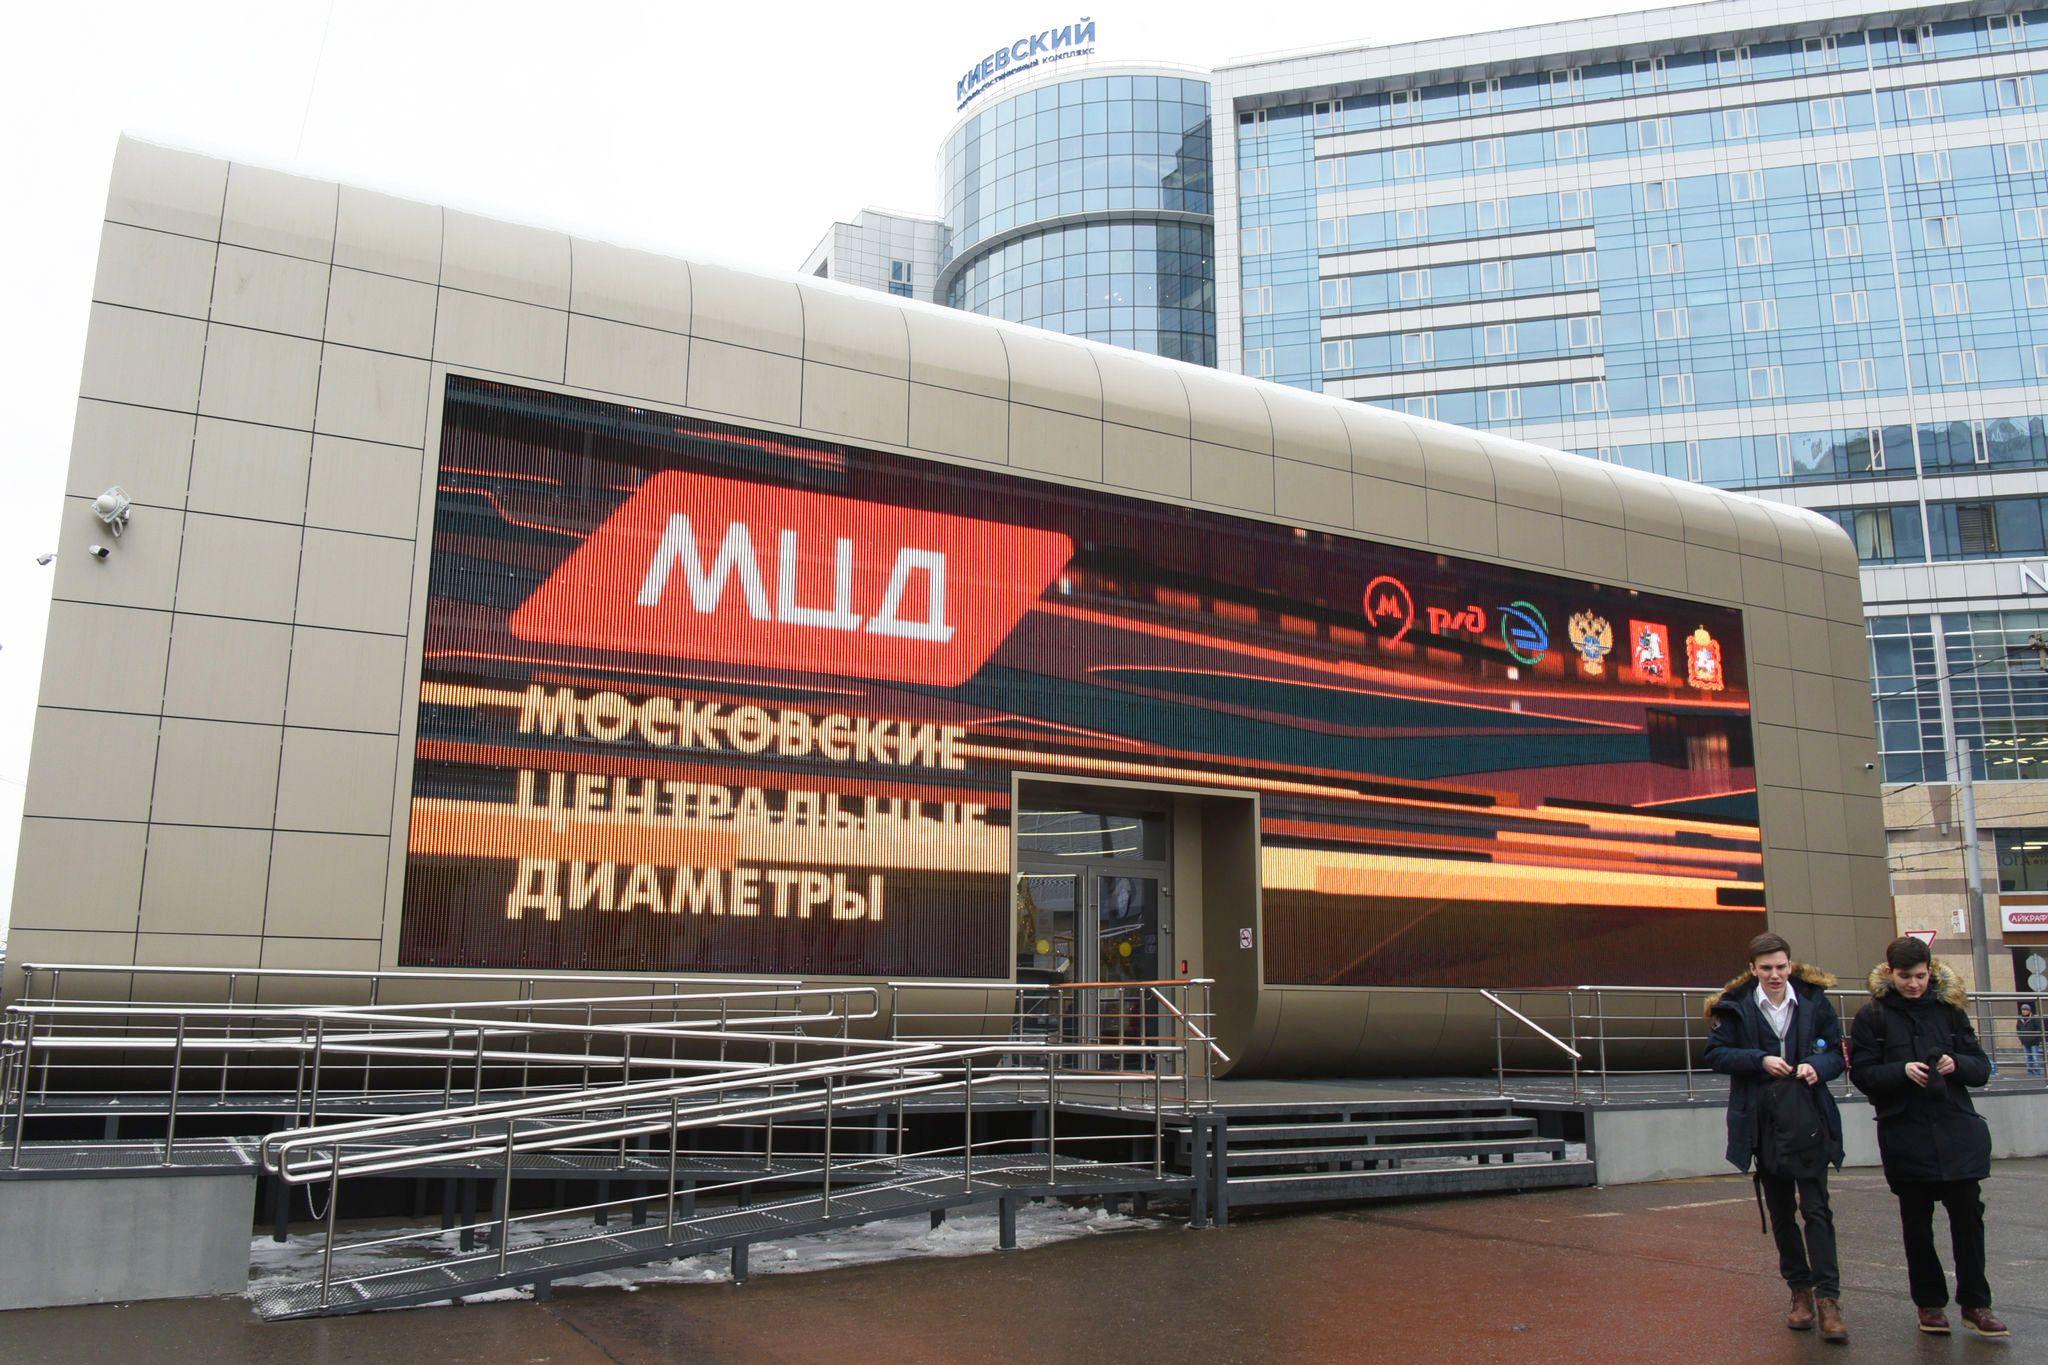 Роулинг, Бродский и Несбе стали «хедлайнерами» библиопункта МЦД в Москве